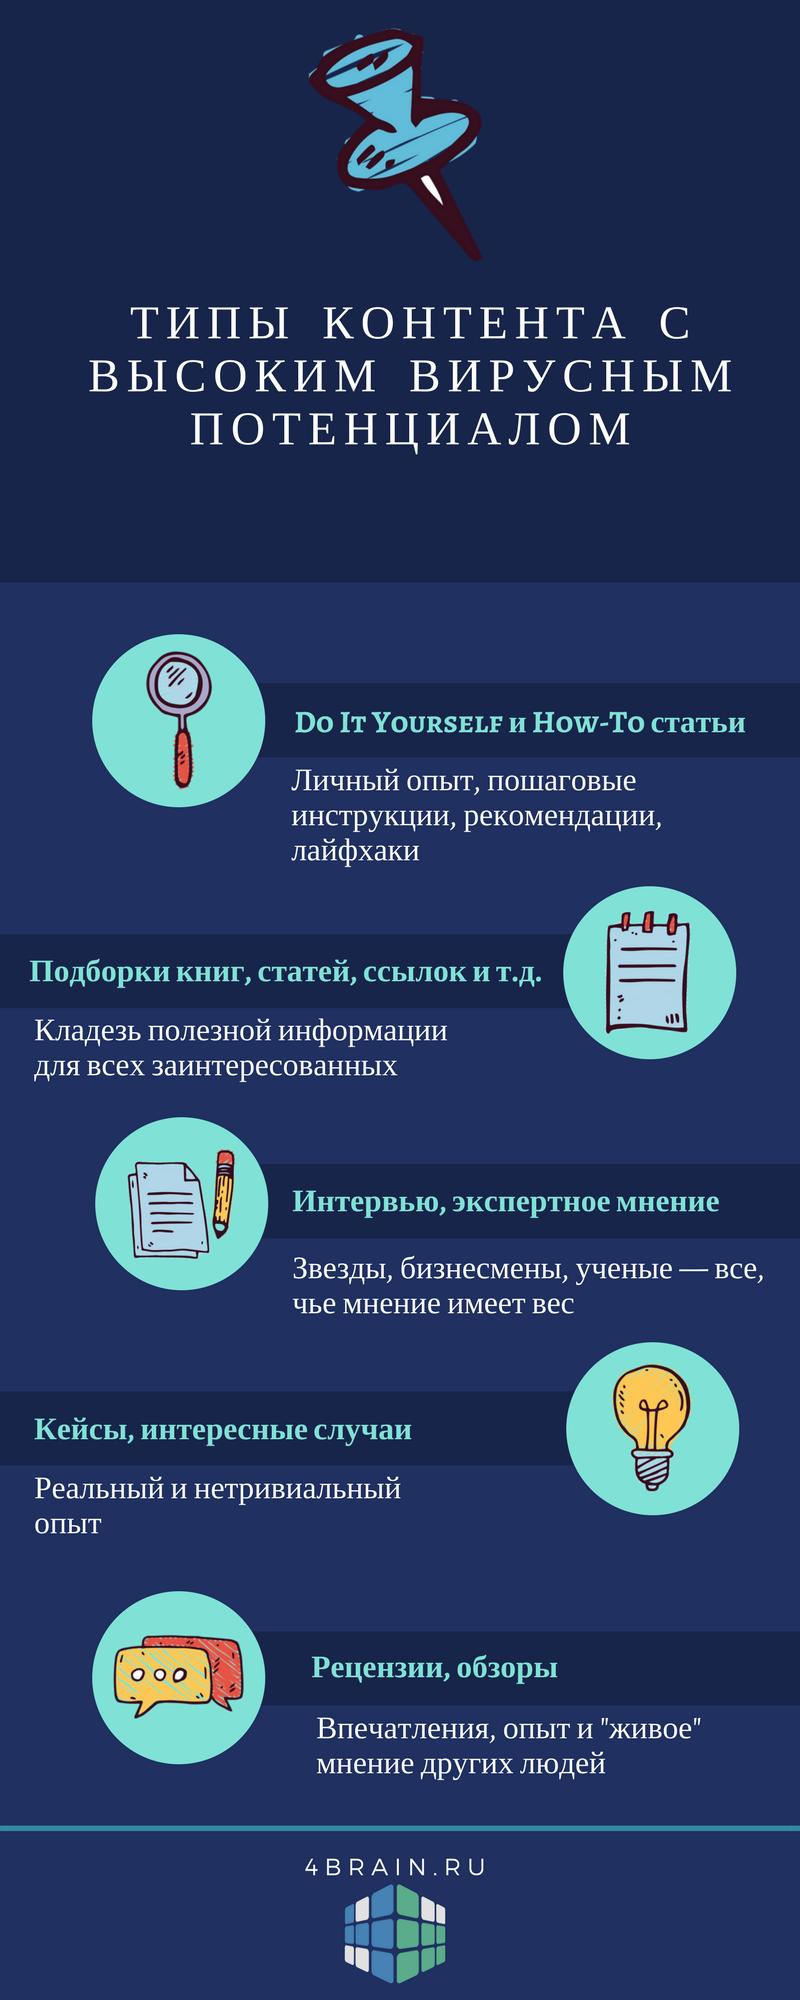 5 типов контента с высоким вирусным потенциалом: инфографика